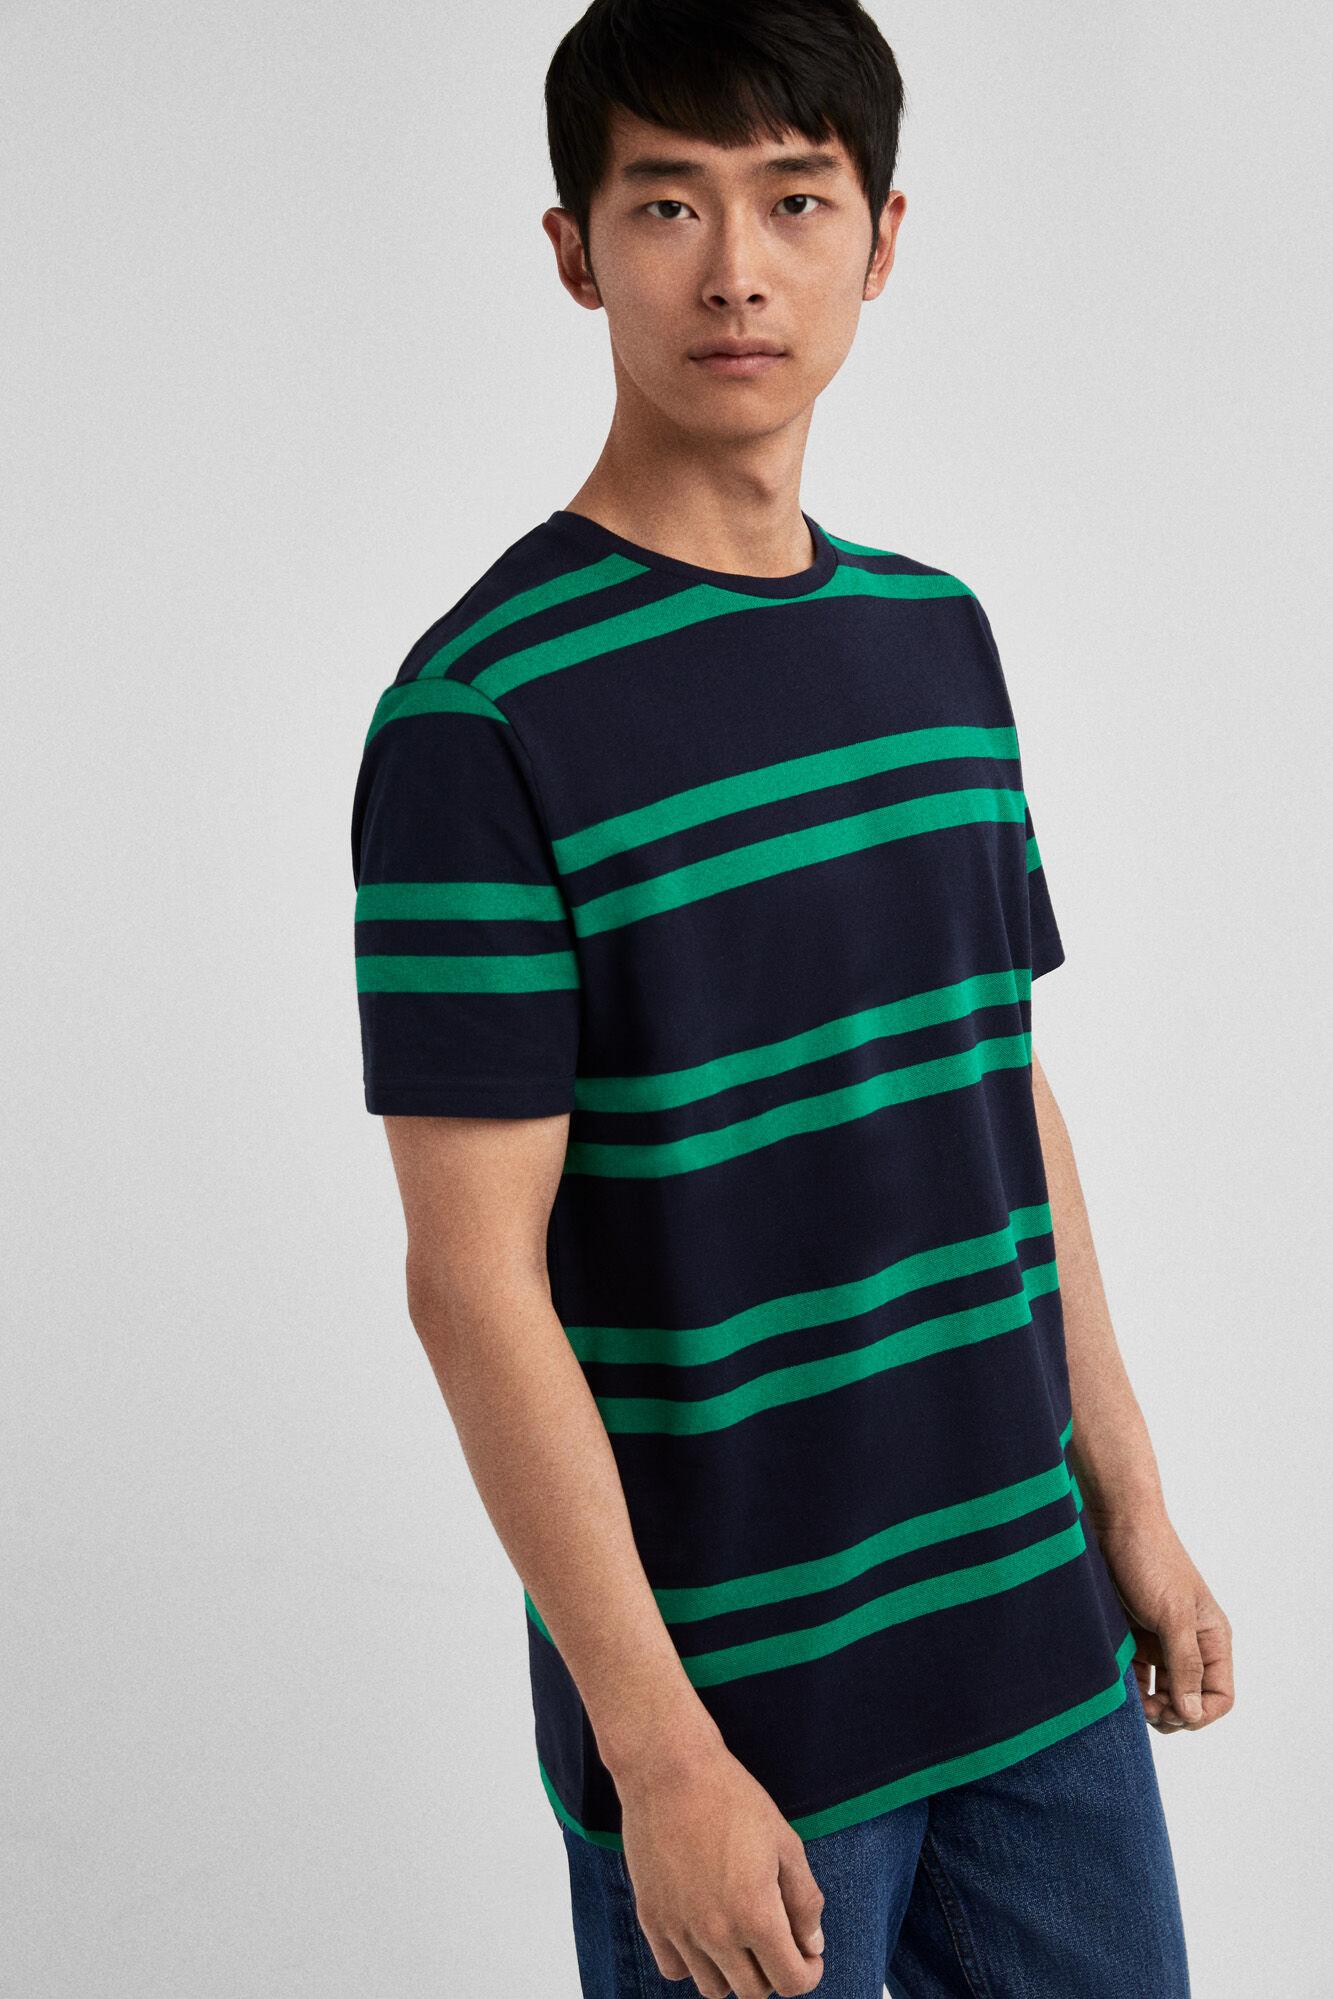 Springfield Hombre Camisetas De Camisetas Hombre De r1XU1p